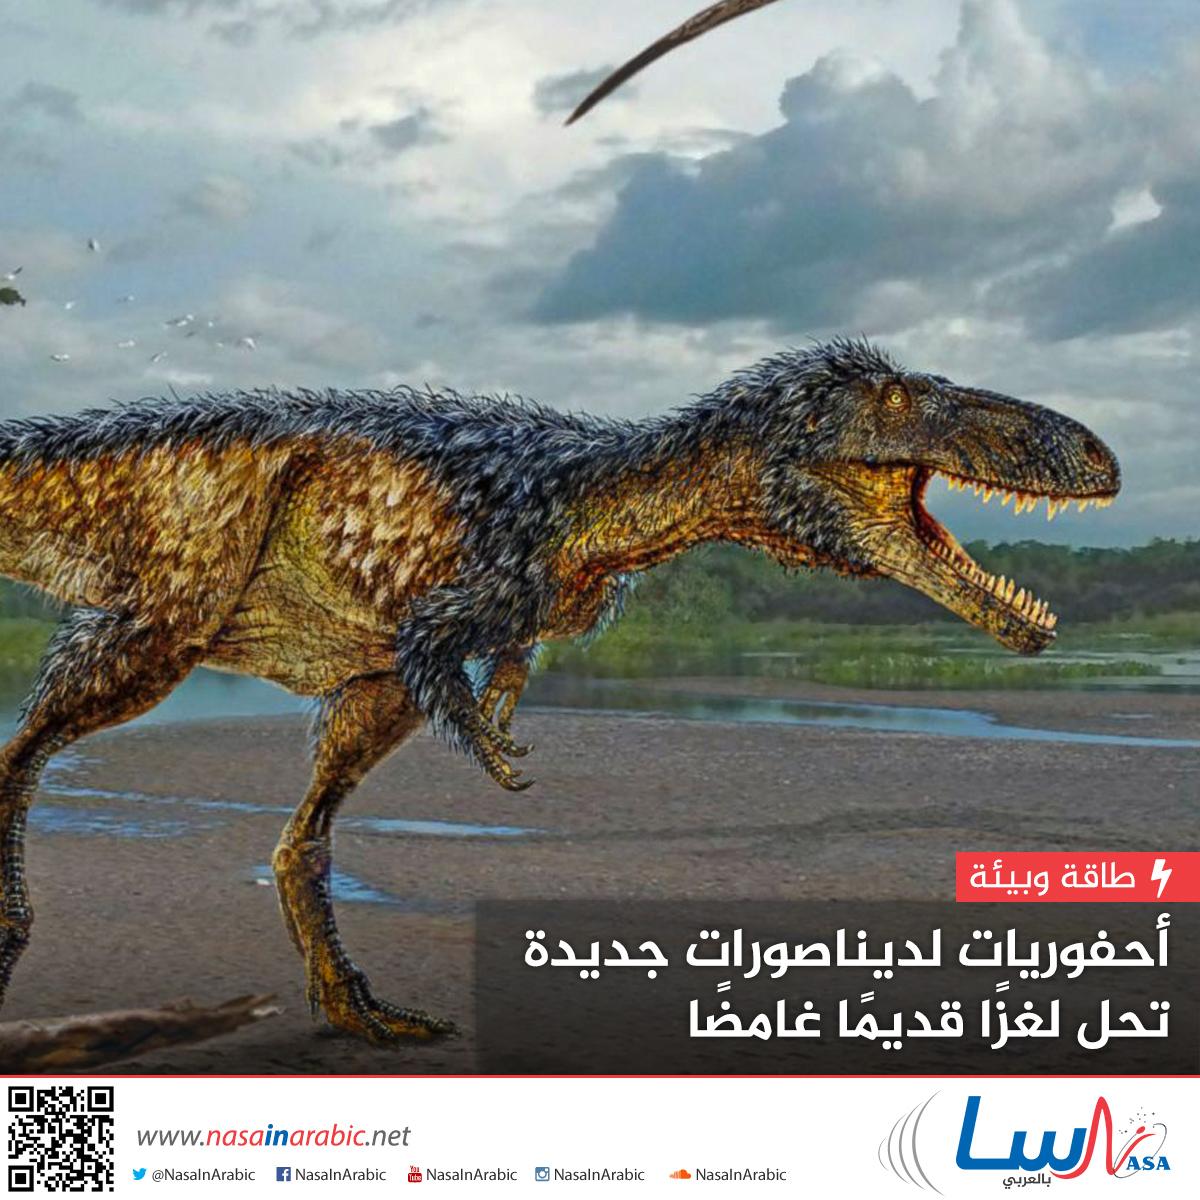 أحفوريات لديناصورات جديدة تحل لغزًا قديمًا غامضًا